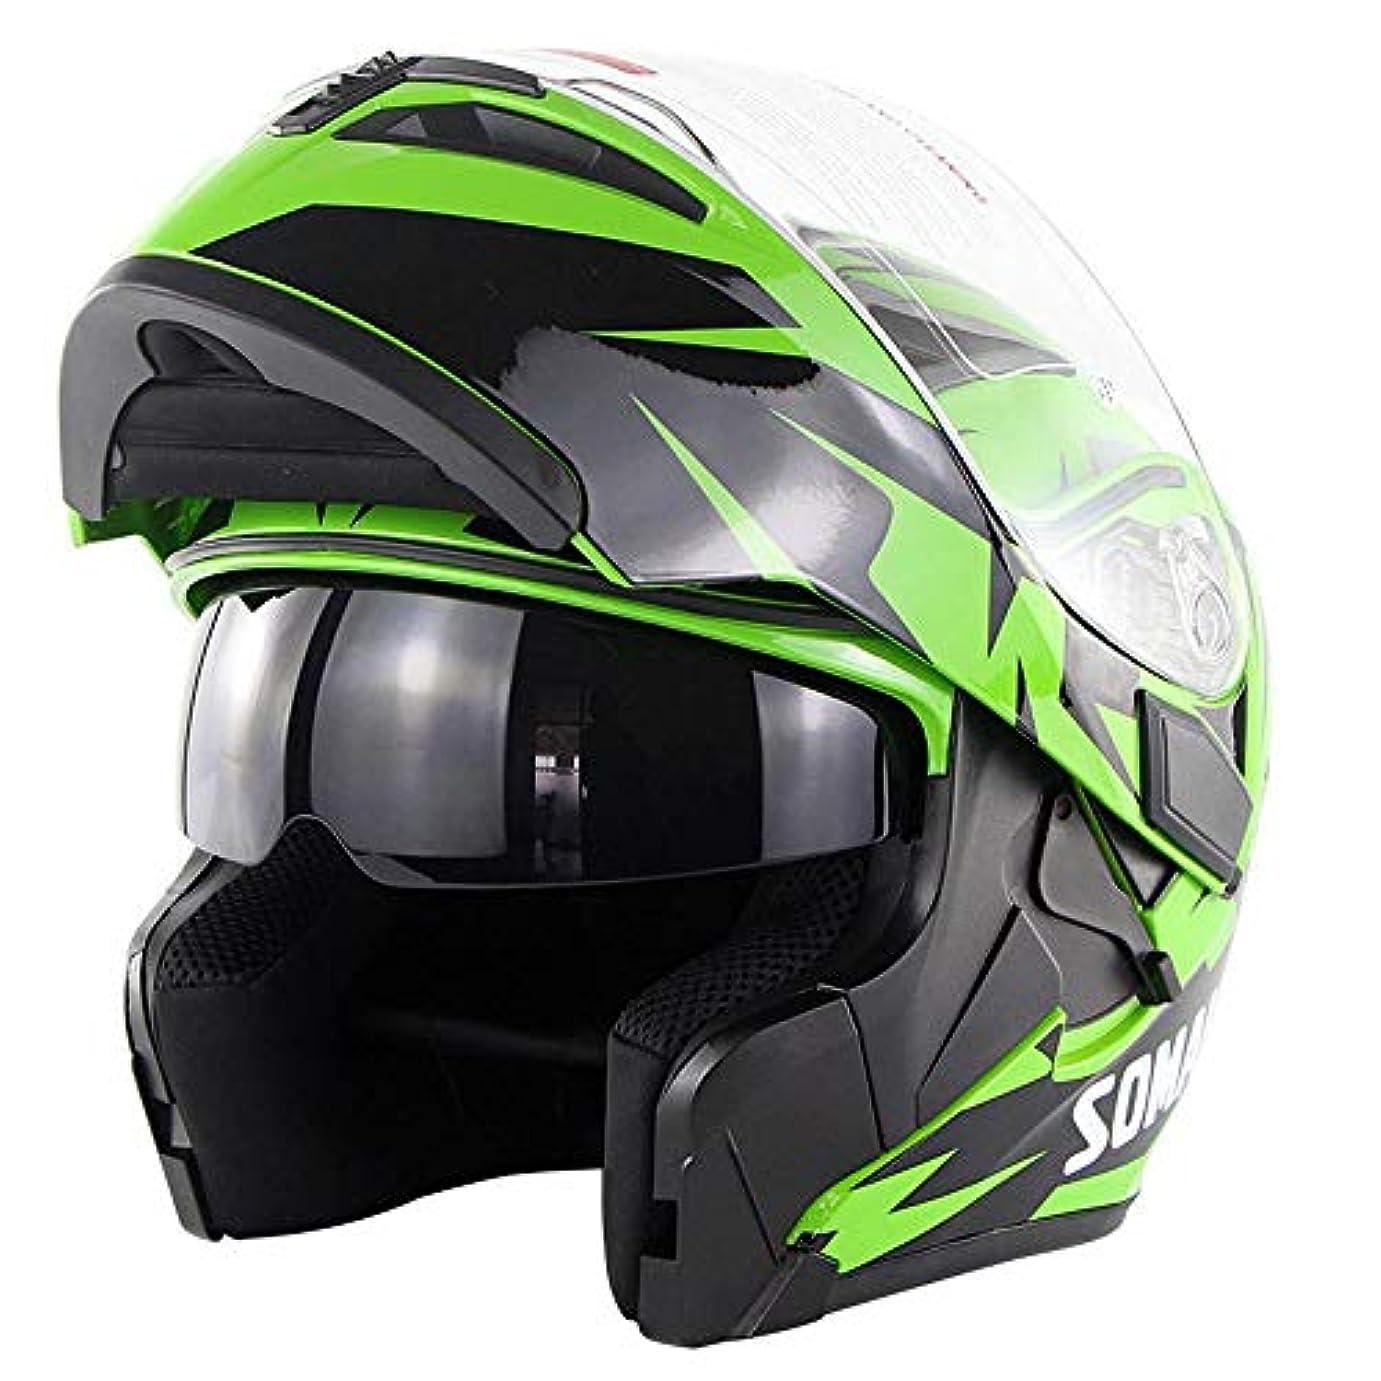 受信機力強い基礎HYH 成人用通気性ダブルレンズオートバイヘルメット人格ファッションヘルメット安全性と快適なヘルメット - デイアイグ??リーン いい人生 (Size : XXL)